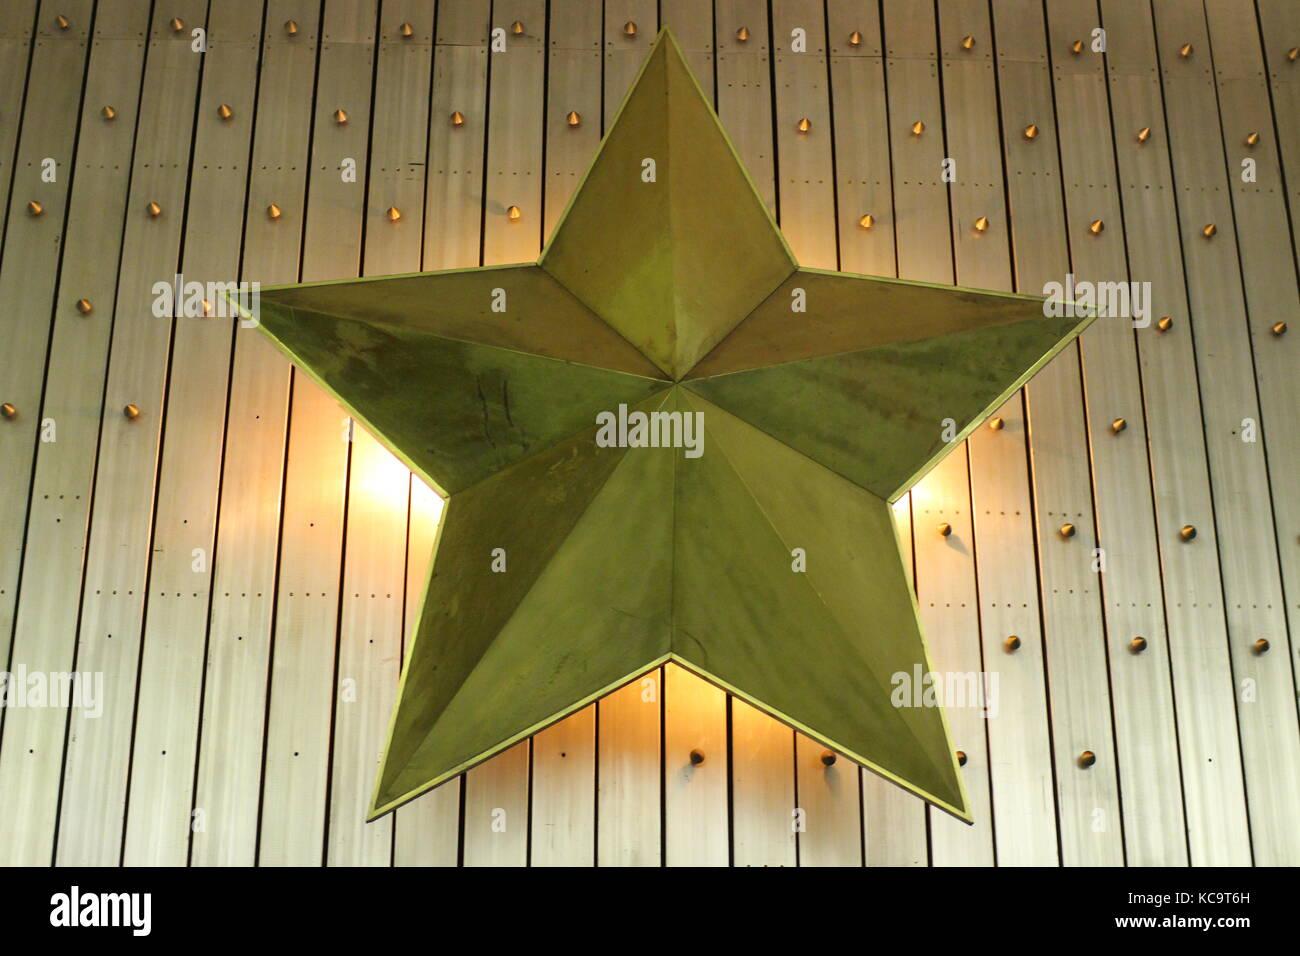 Etoile A Cinq Branches Lampe Murale Decorative Les Symboles Dans L